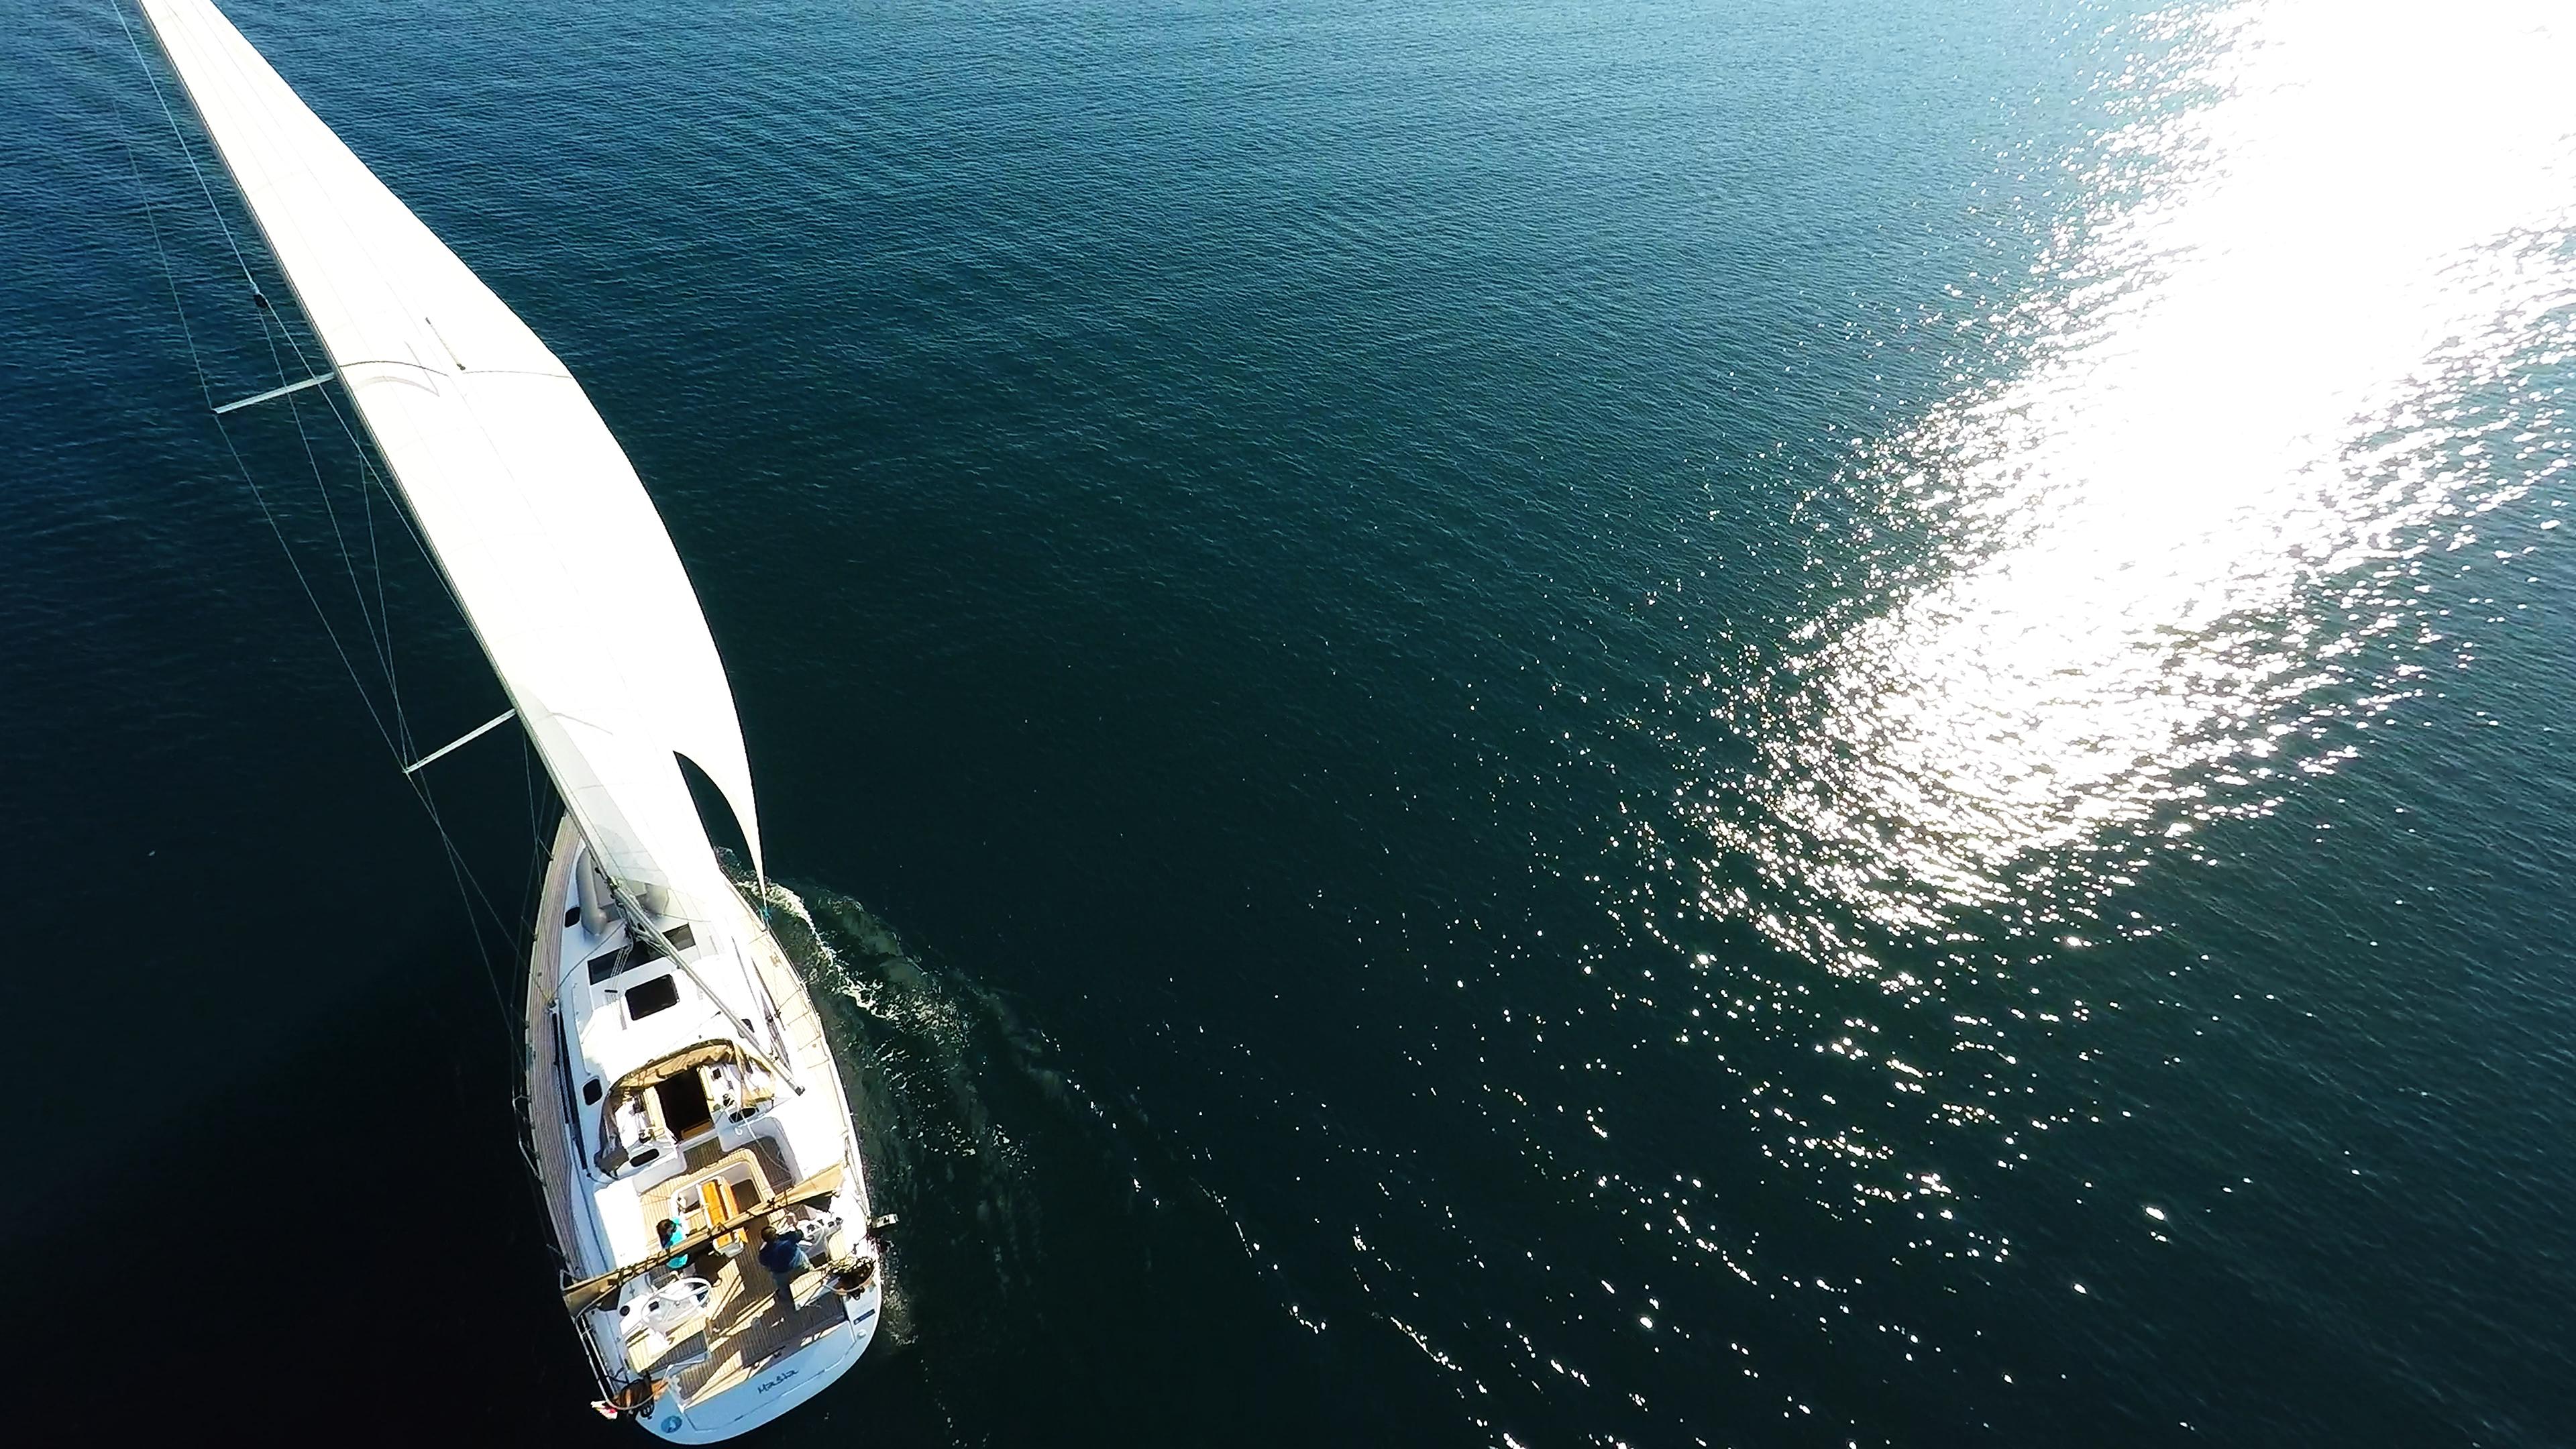 bateau à voile mer bleue réflexion du soleil bateau à voile elan 45 impression voiliers voiles